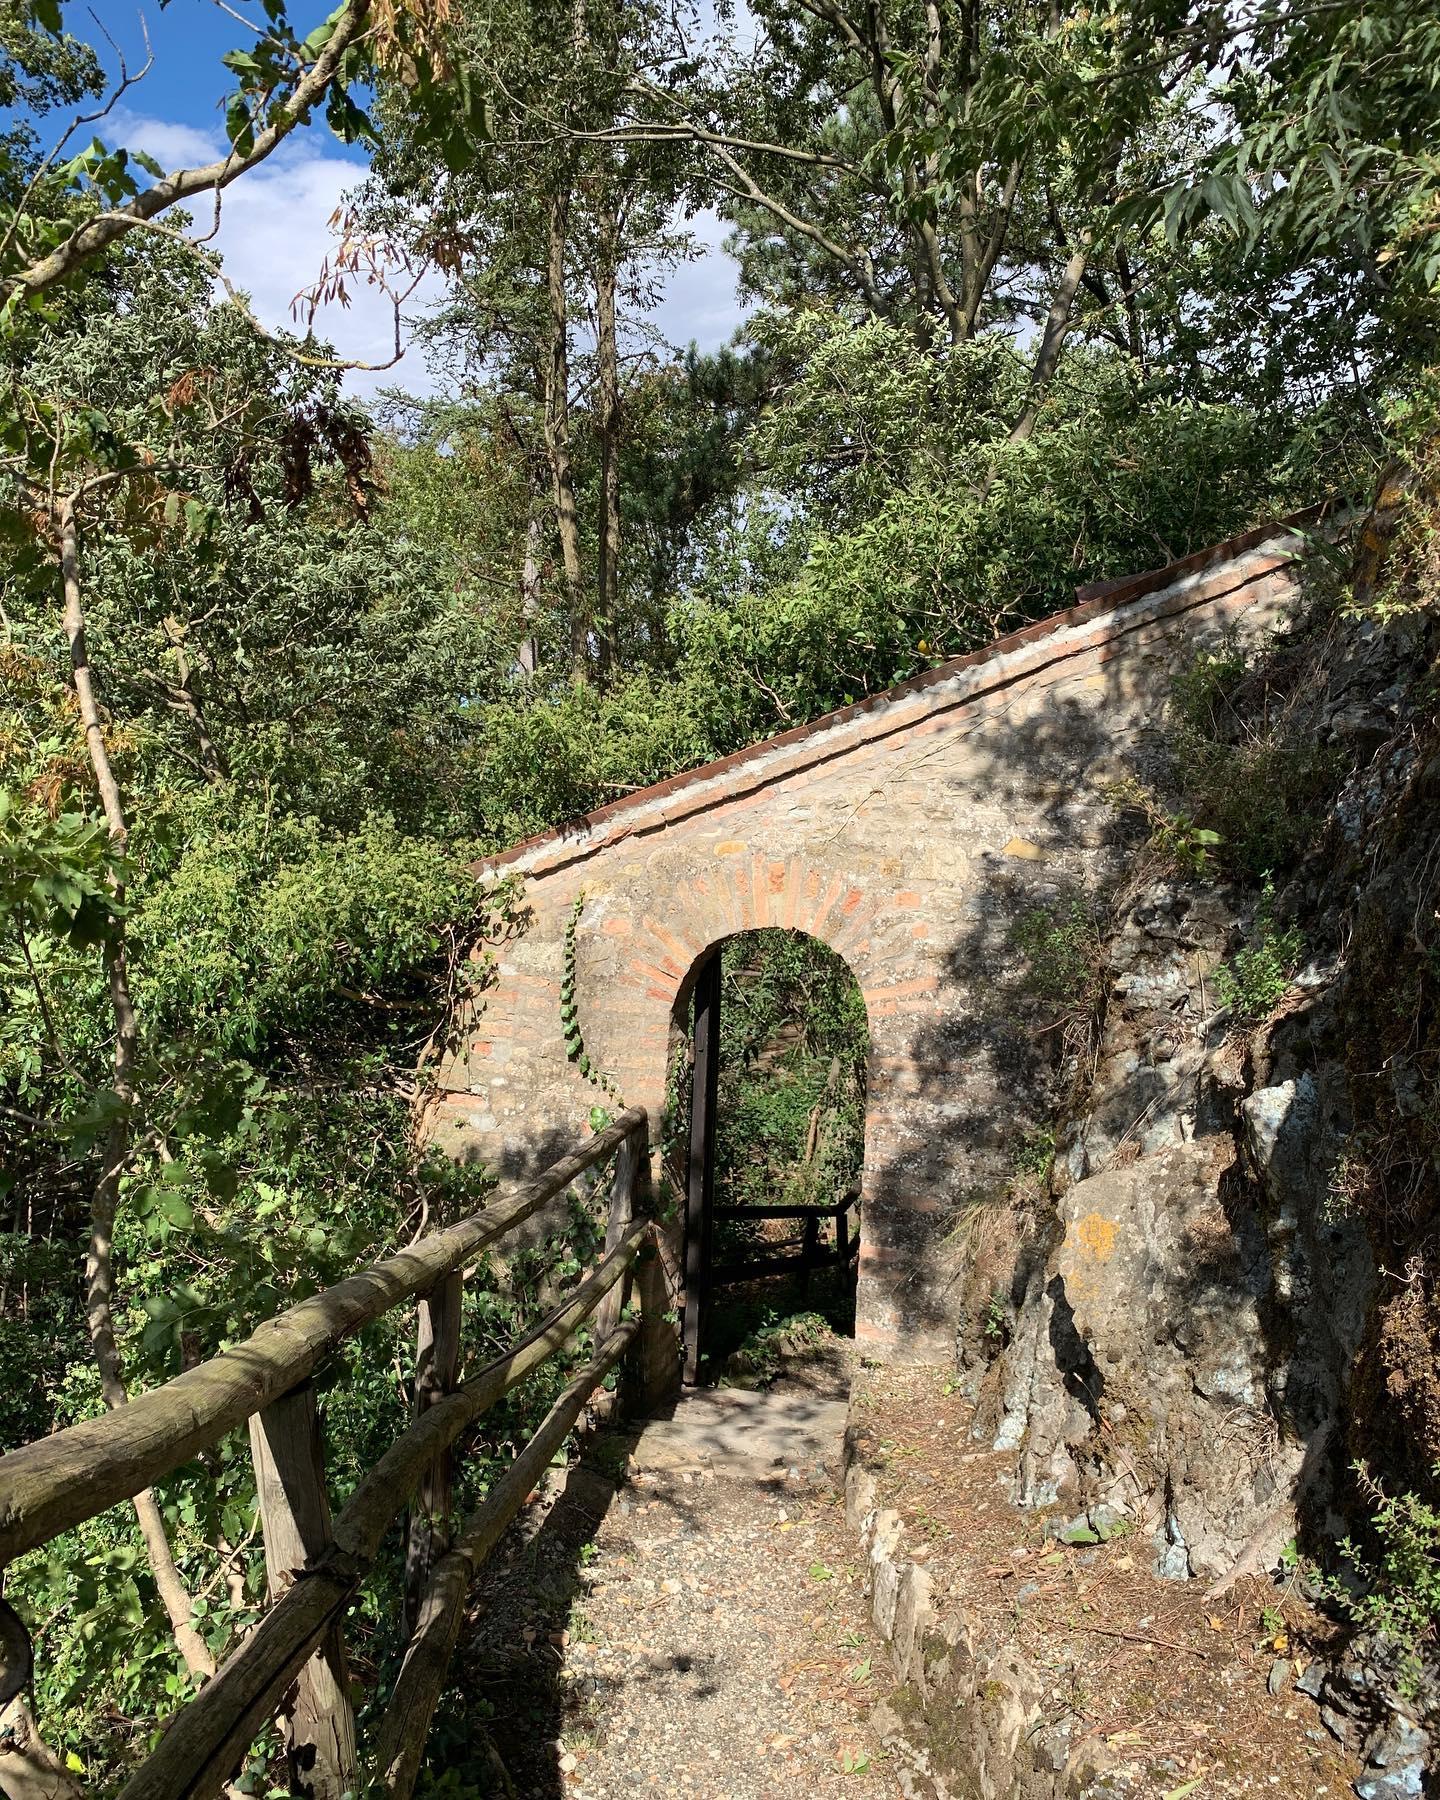 gli antichi camminamenti di ronda al castello di Gropparello